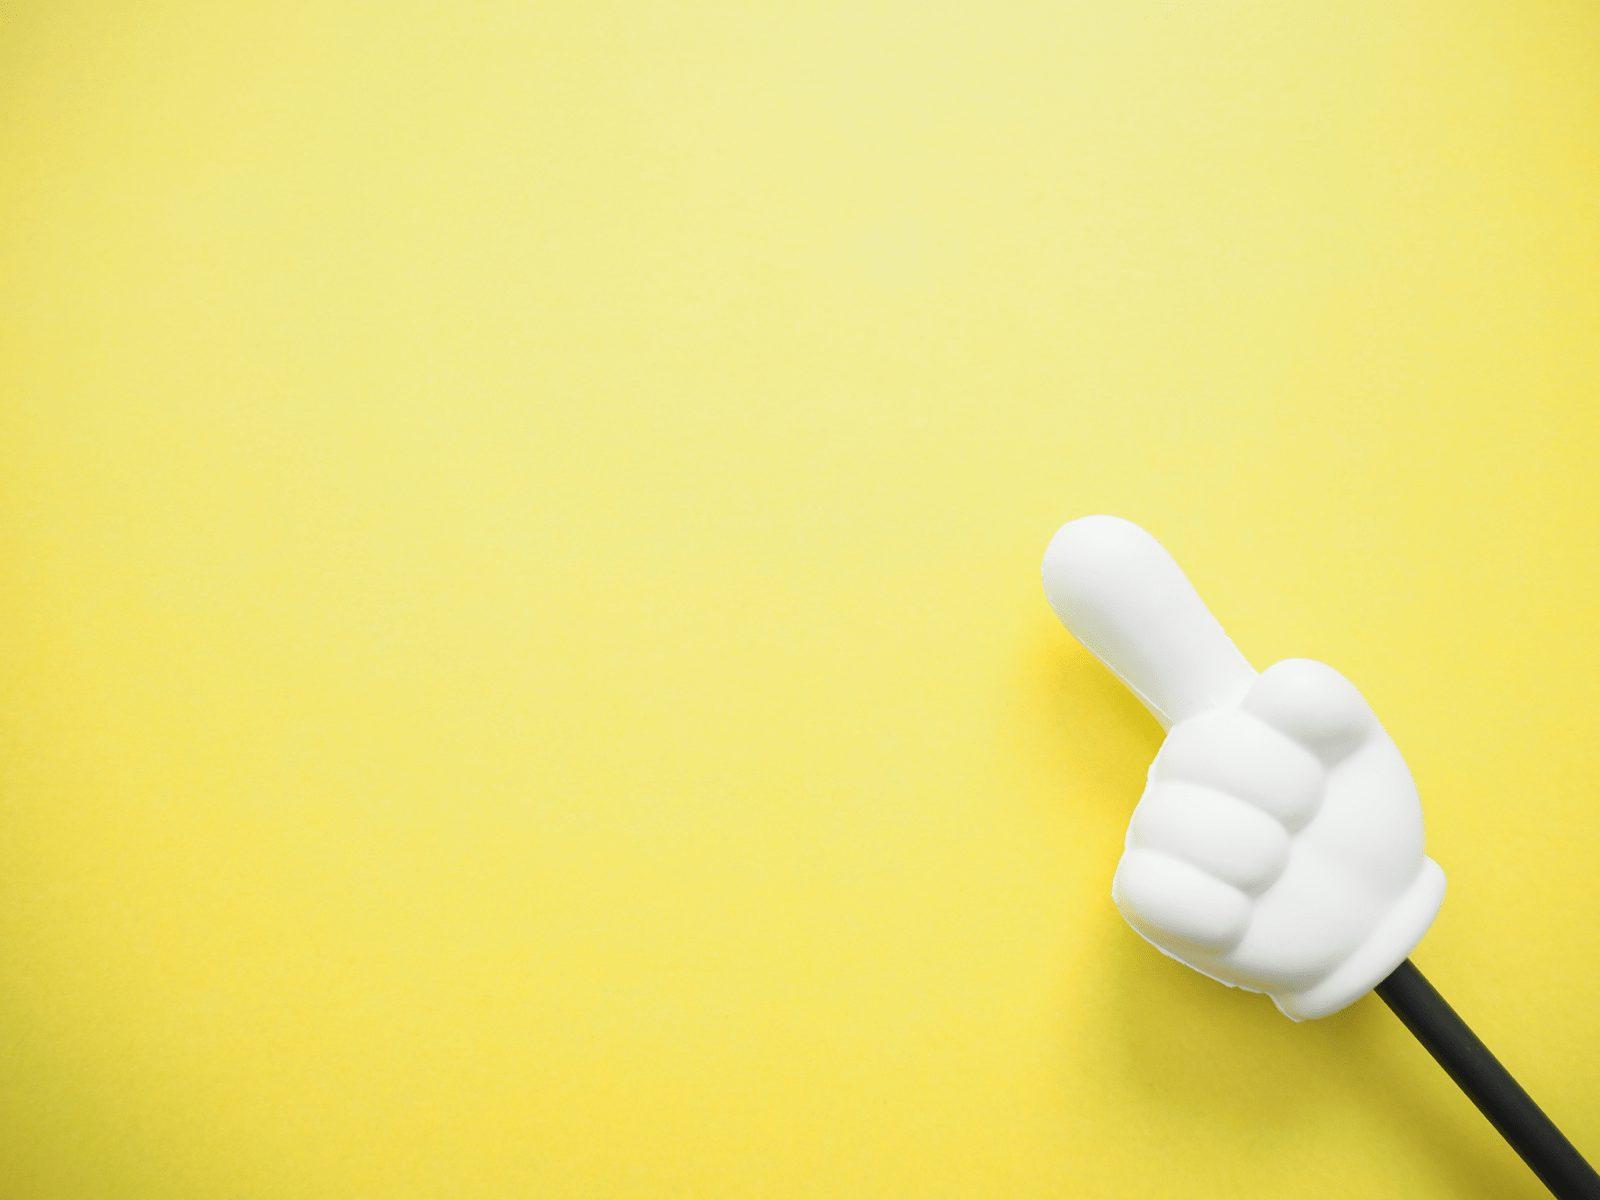 黄色の背景に指差し棒